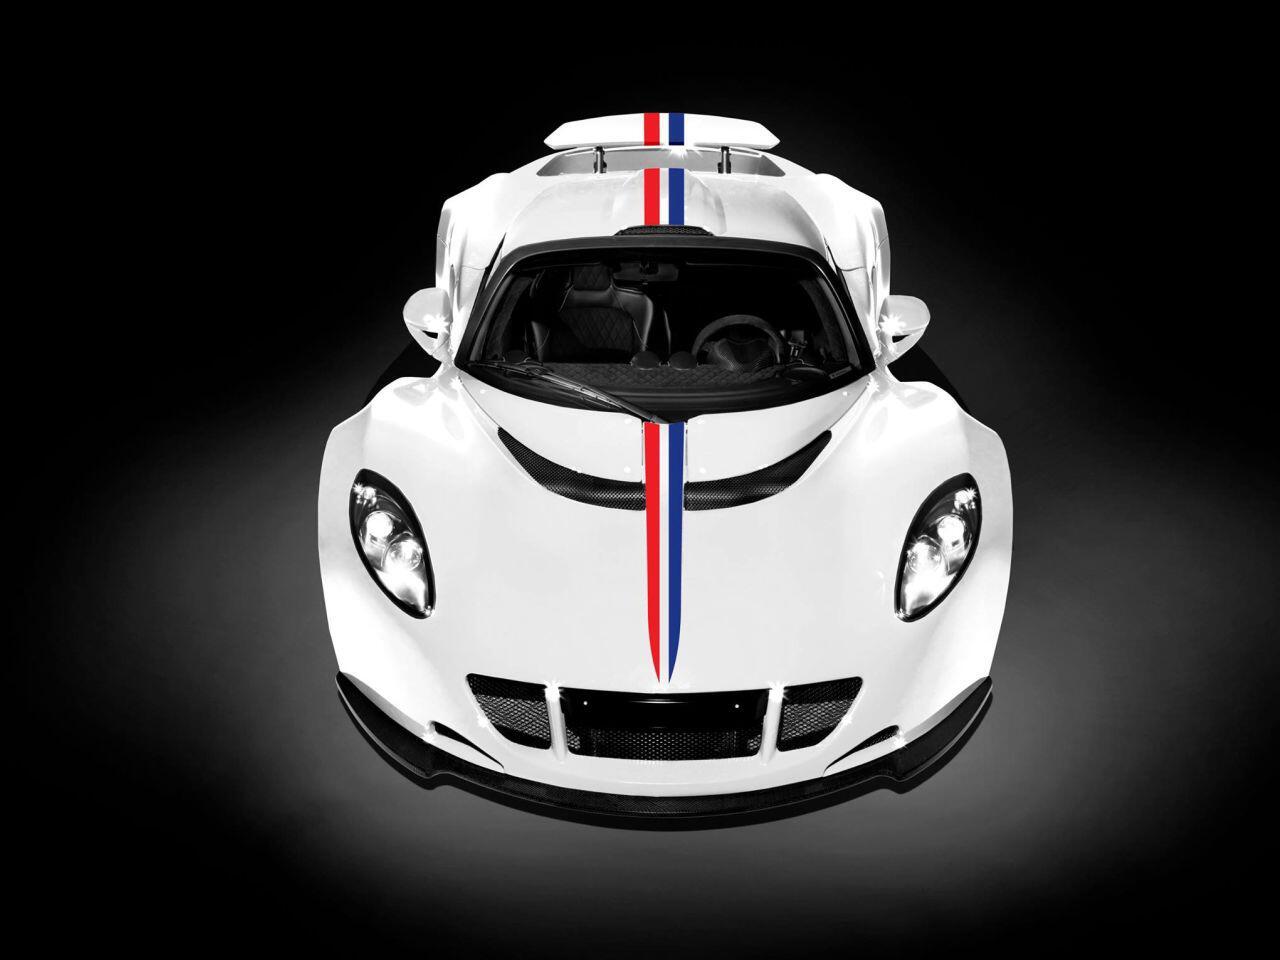 Bild zu Hennessey Venom GT Worlds Fastest Edition